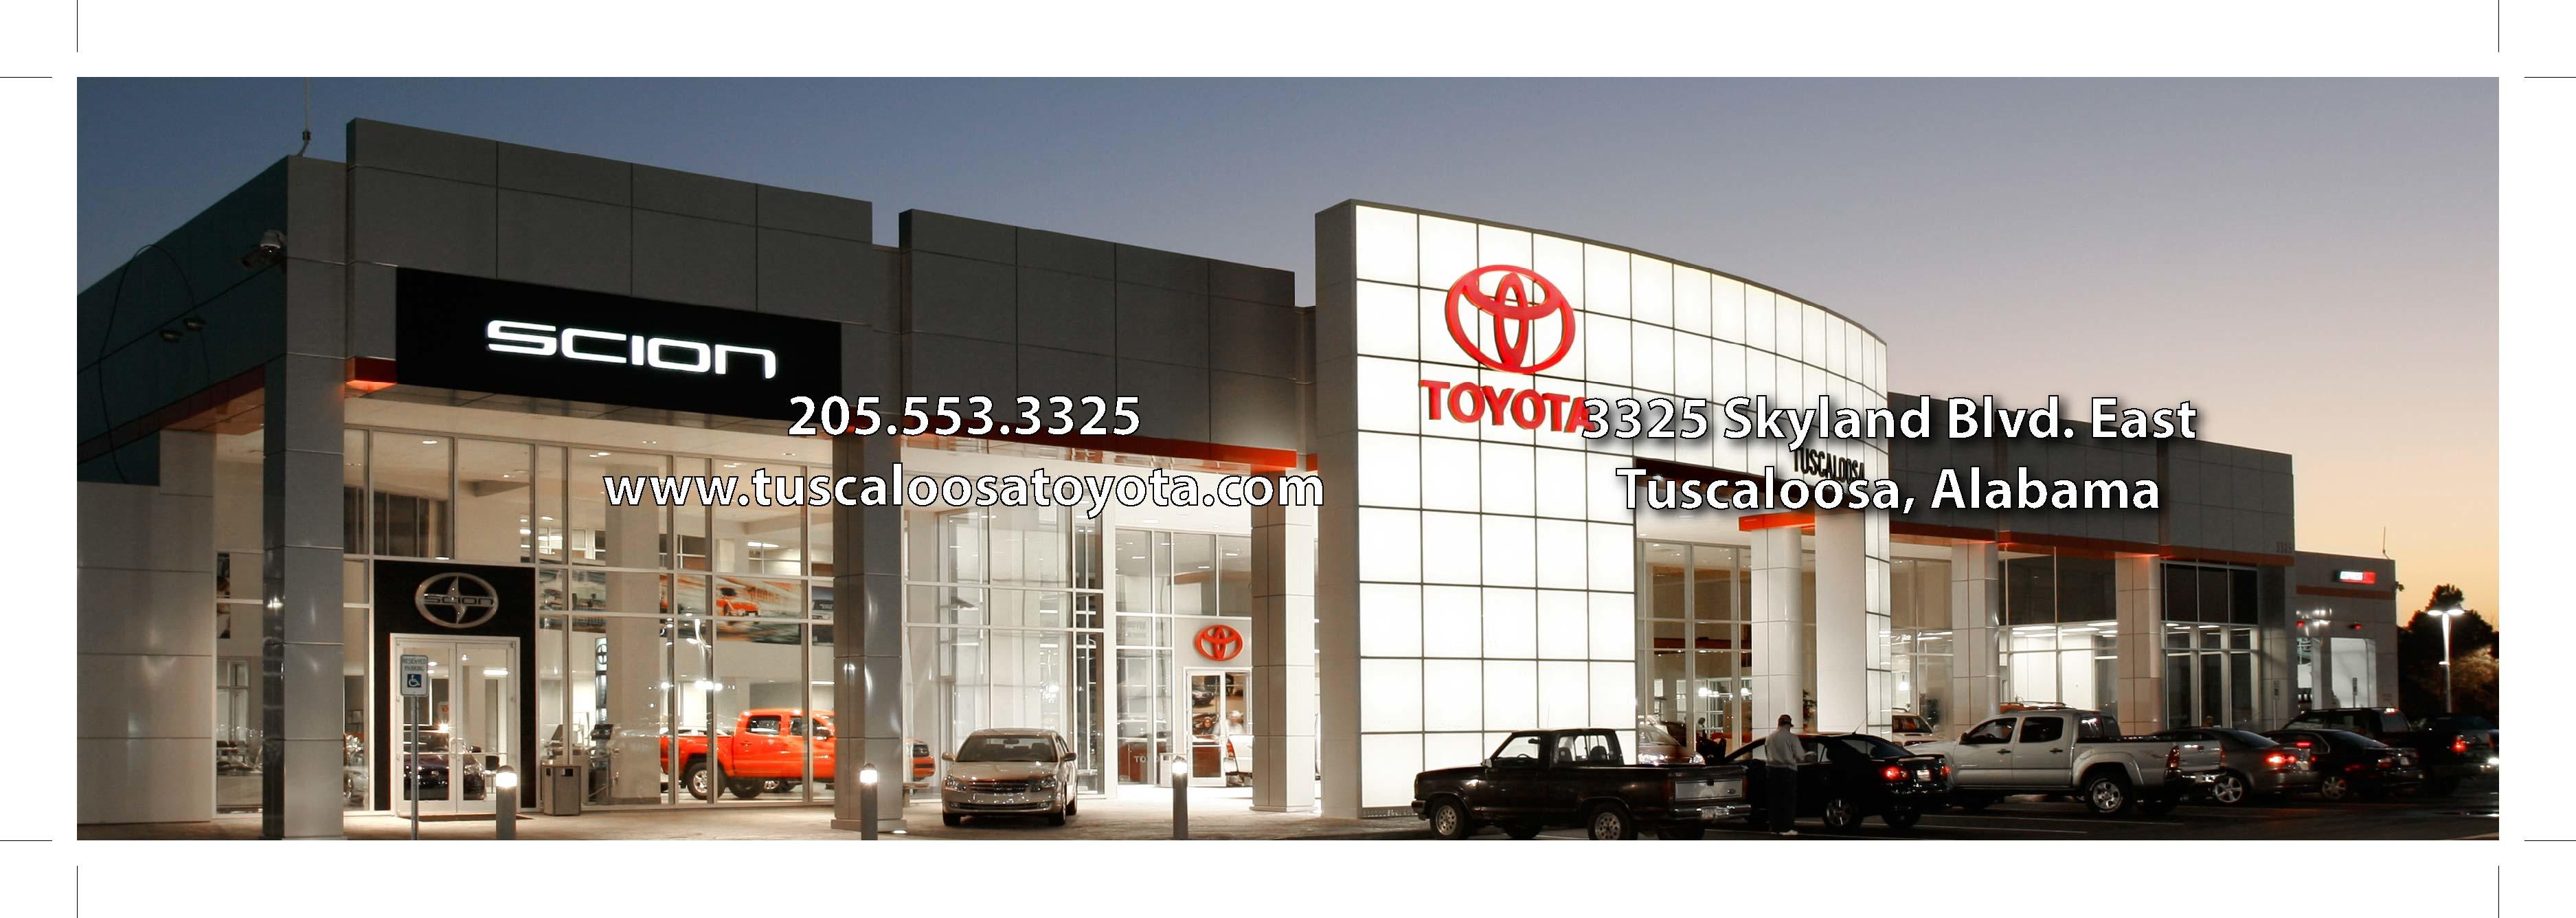 Alabama Toyota Dealerships Find A Toyota Dealer In Alabama